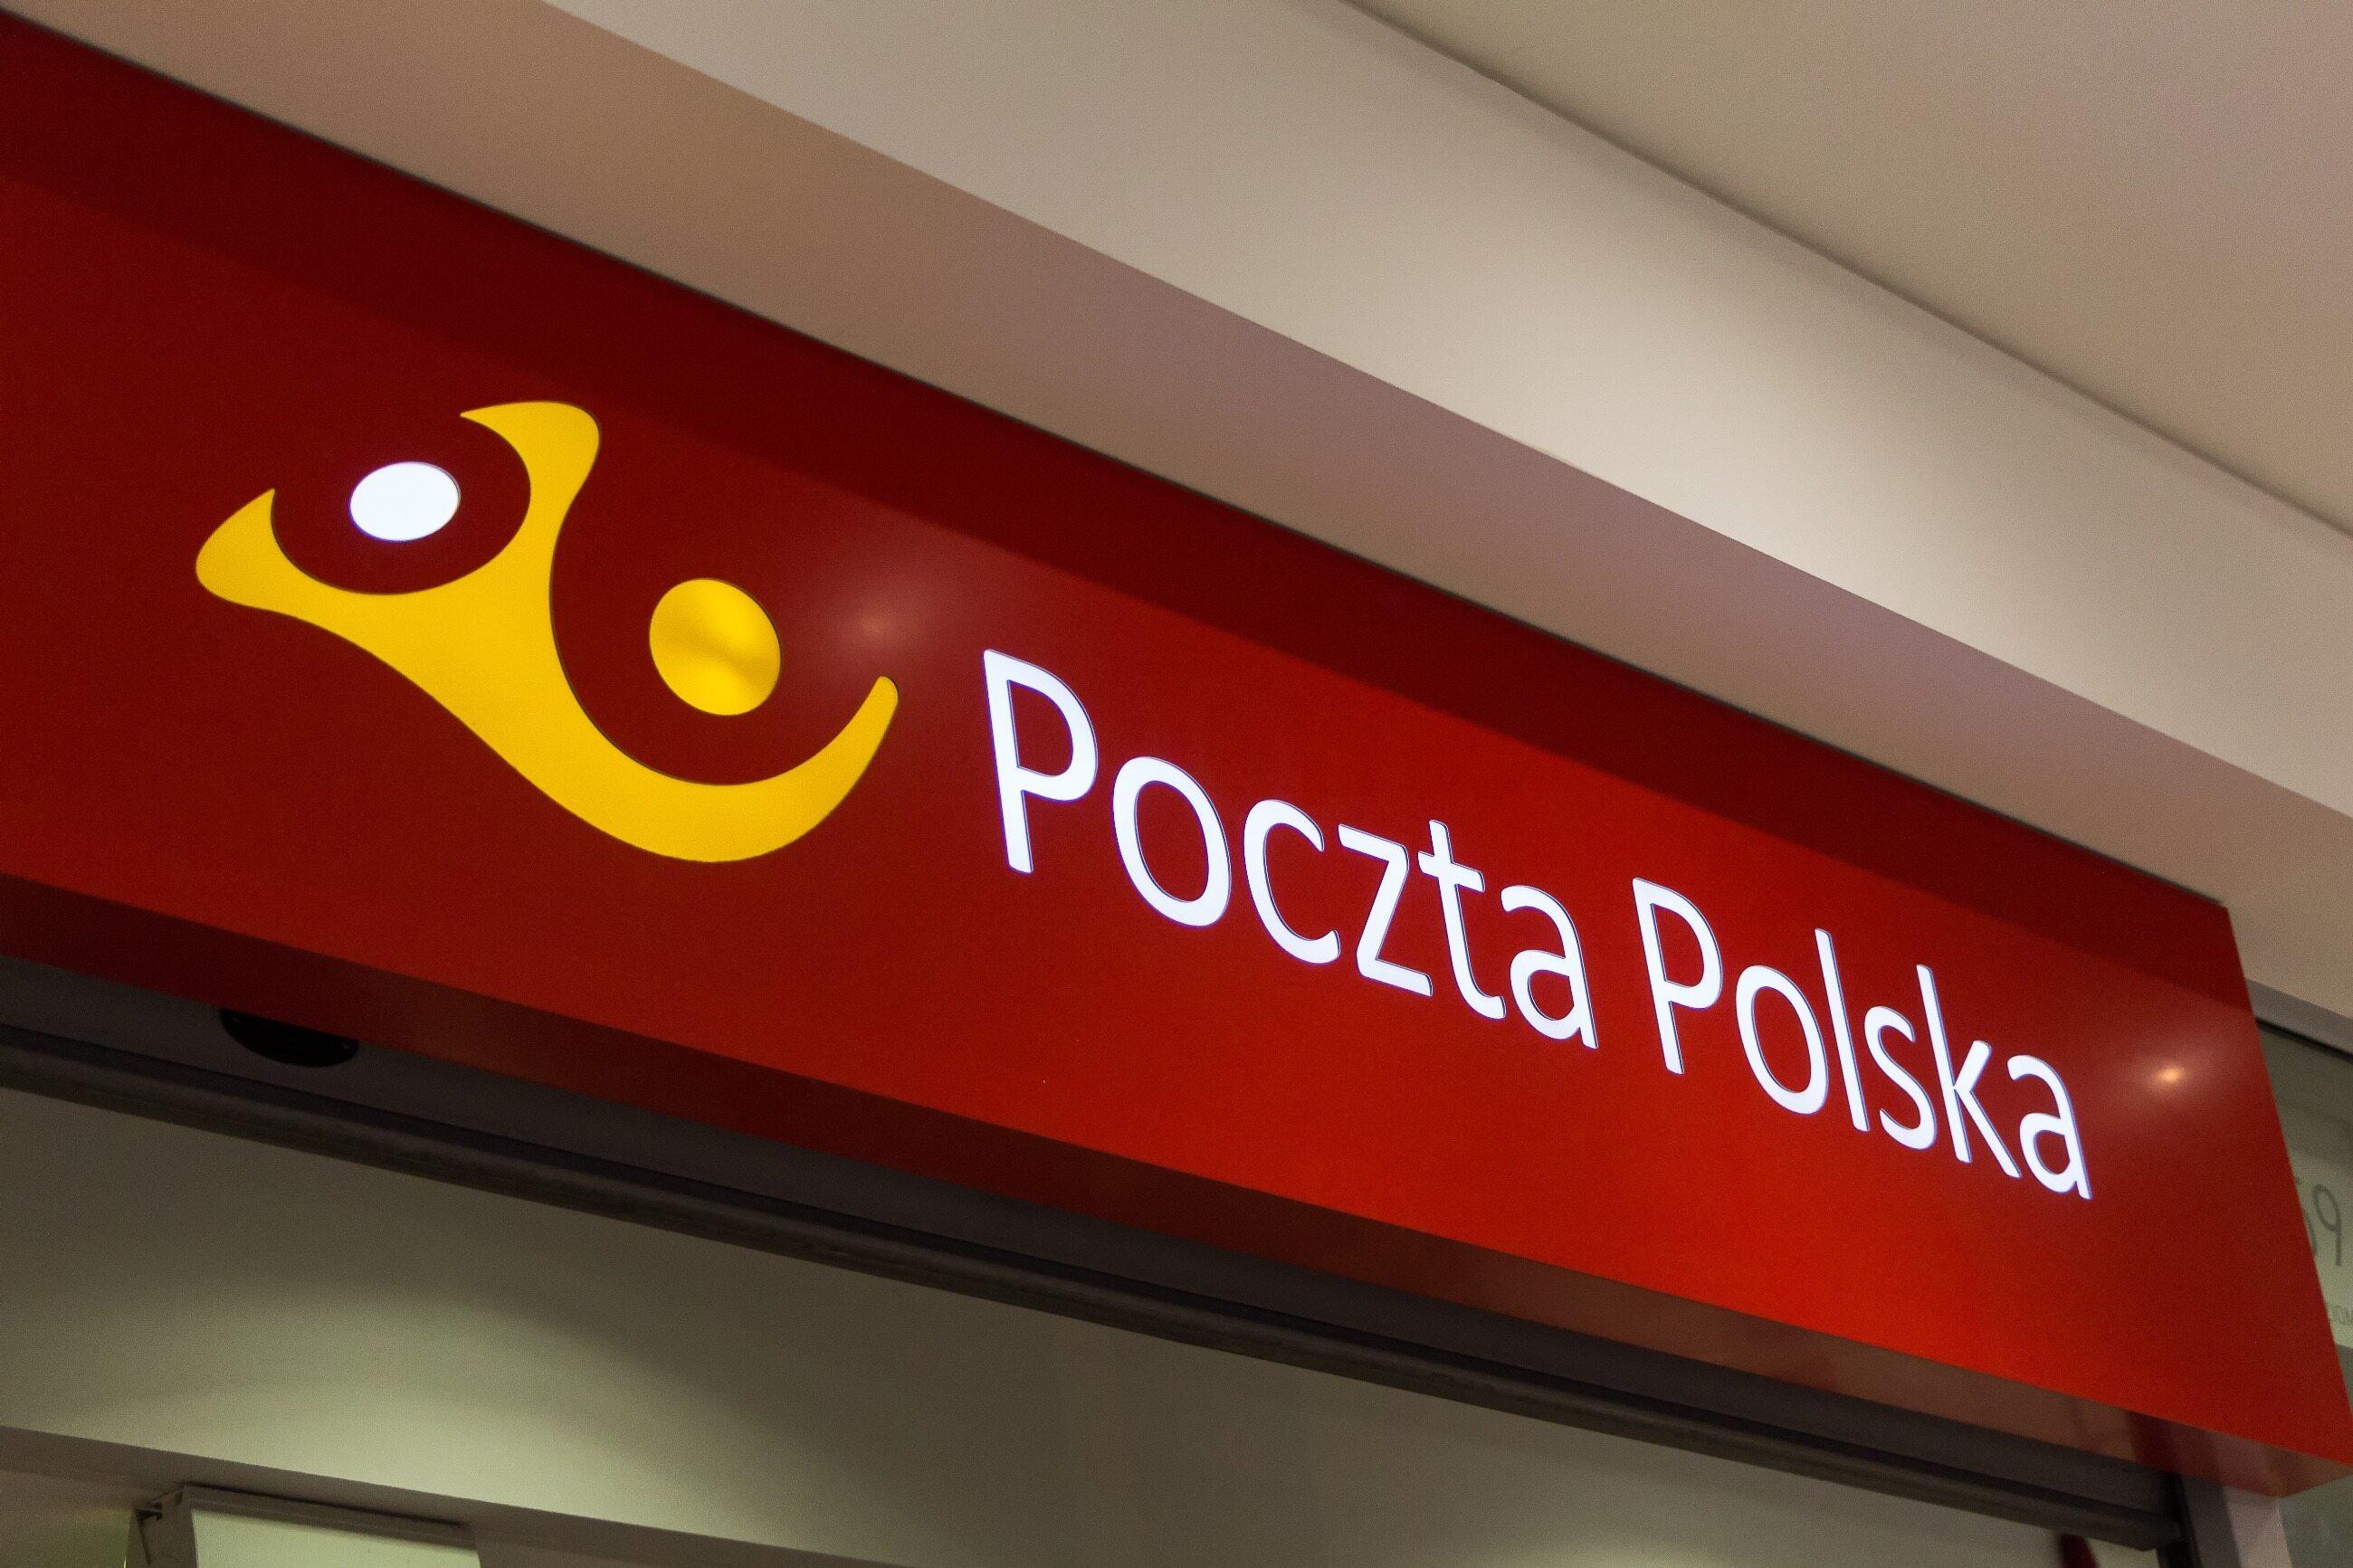 [ALERT] Oszuści podszywają się pod Pocztę Polską!